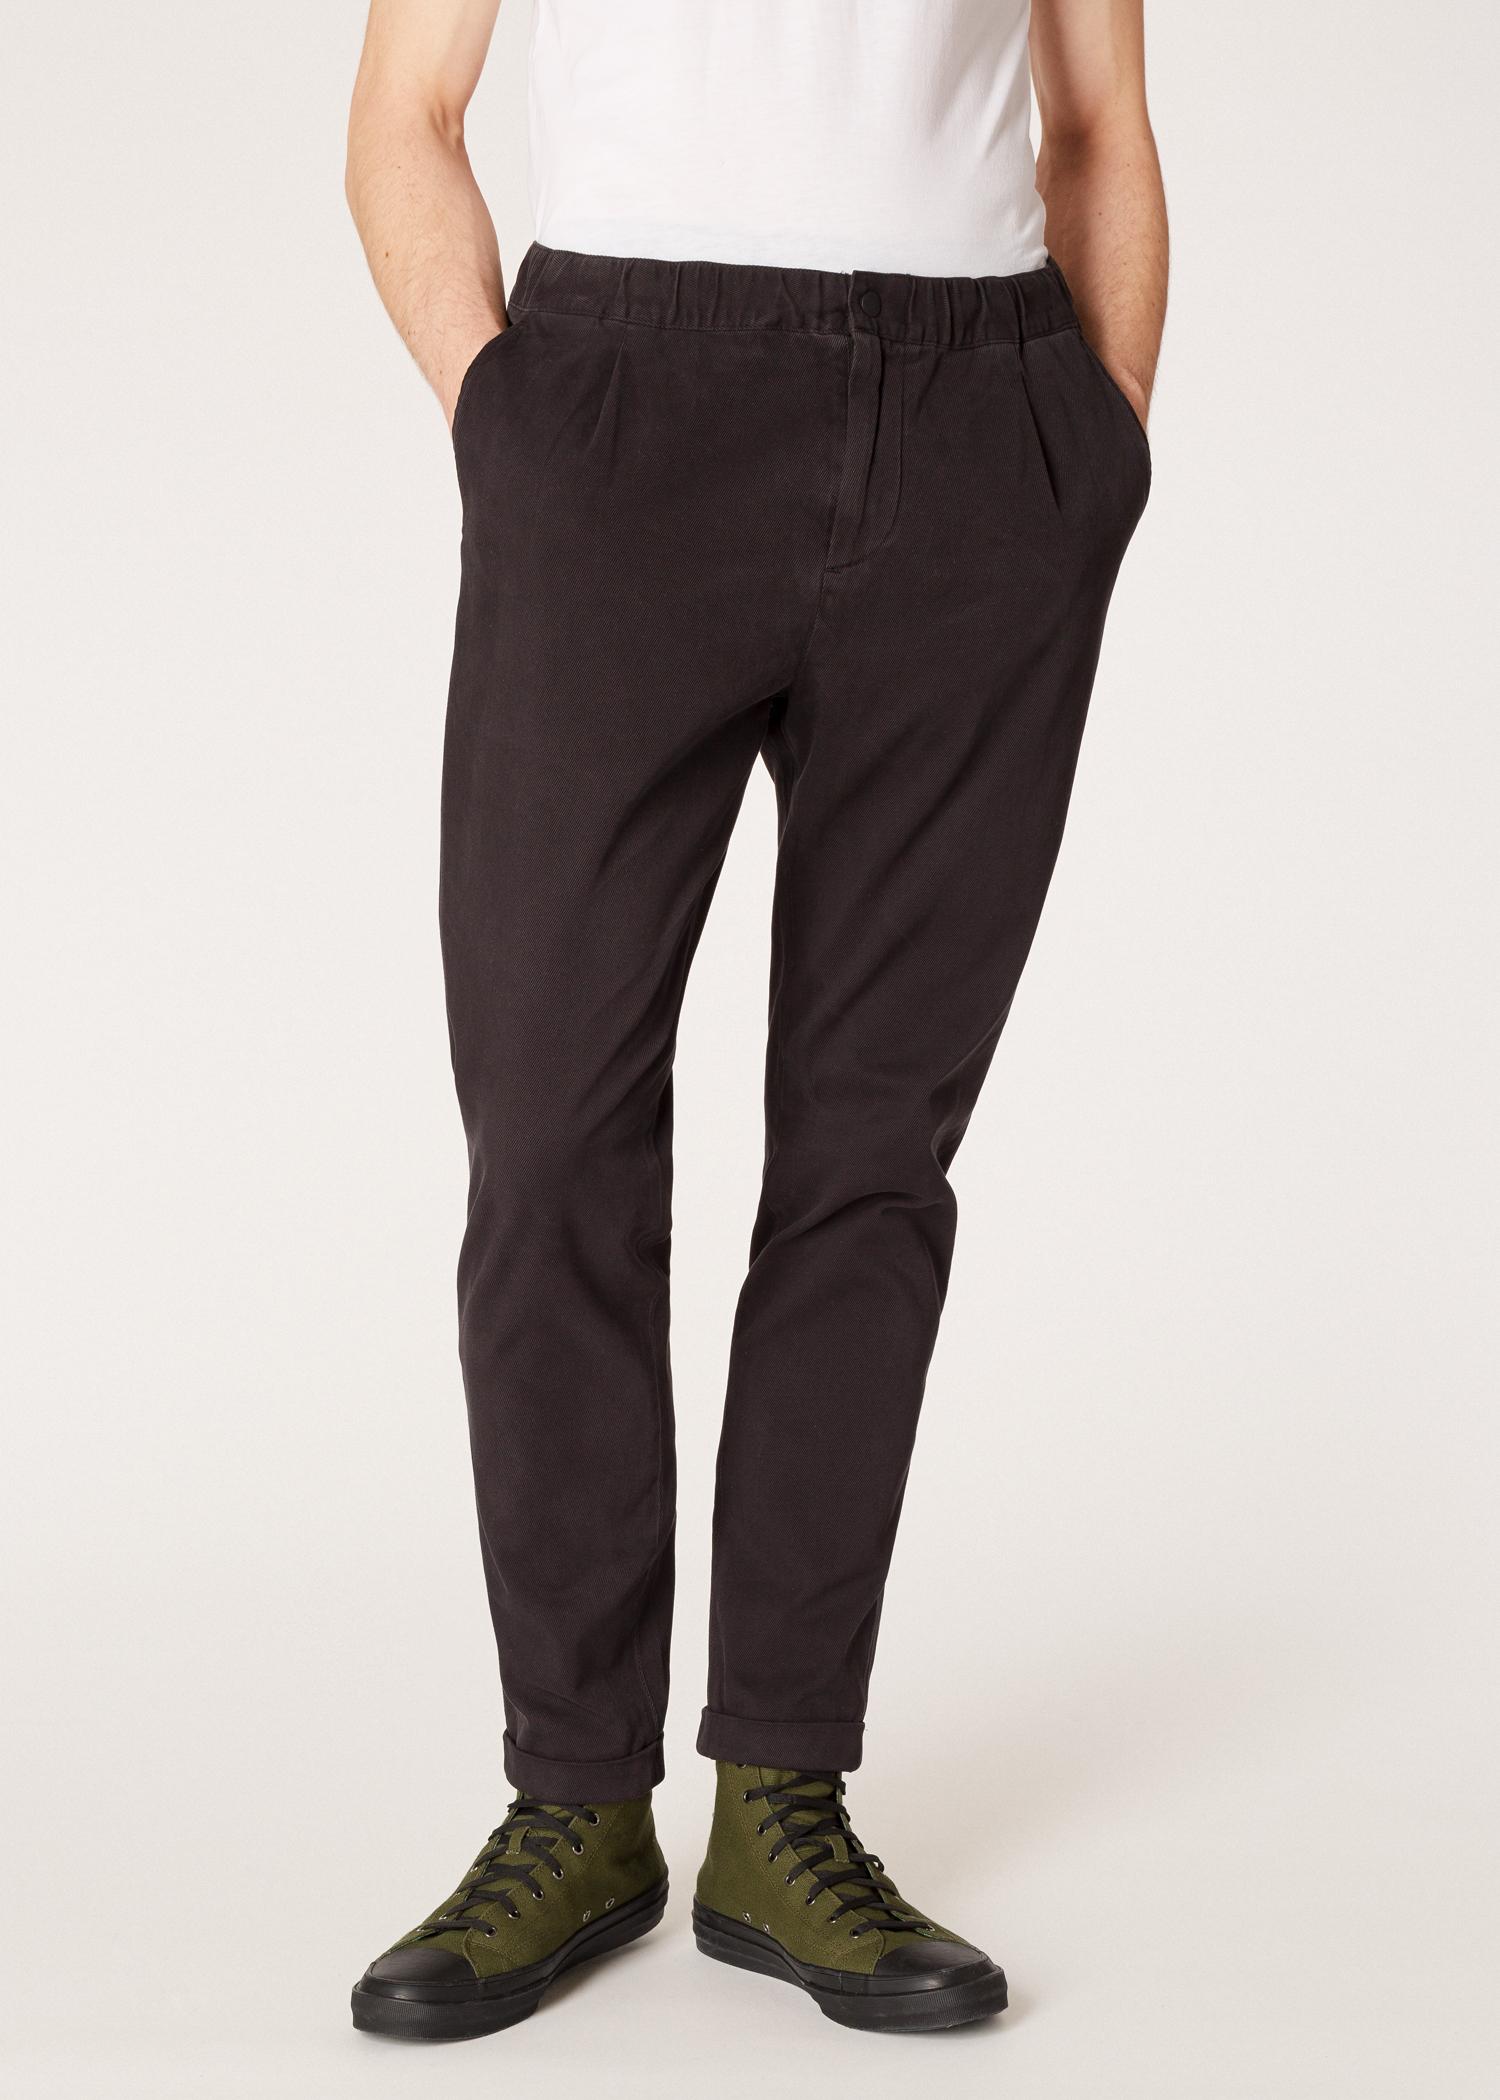 homme ceinture gris pantalon coton en anthracite stretch